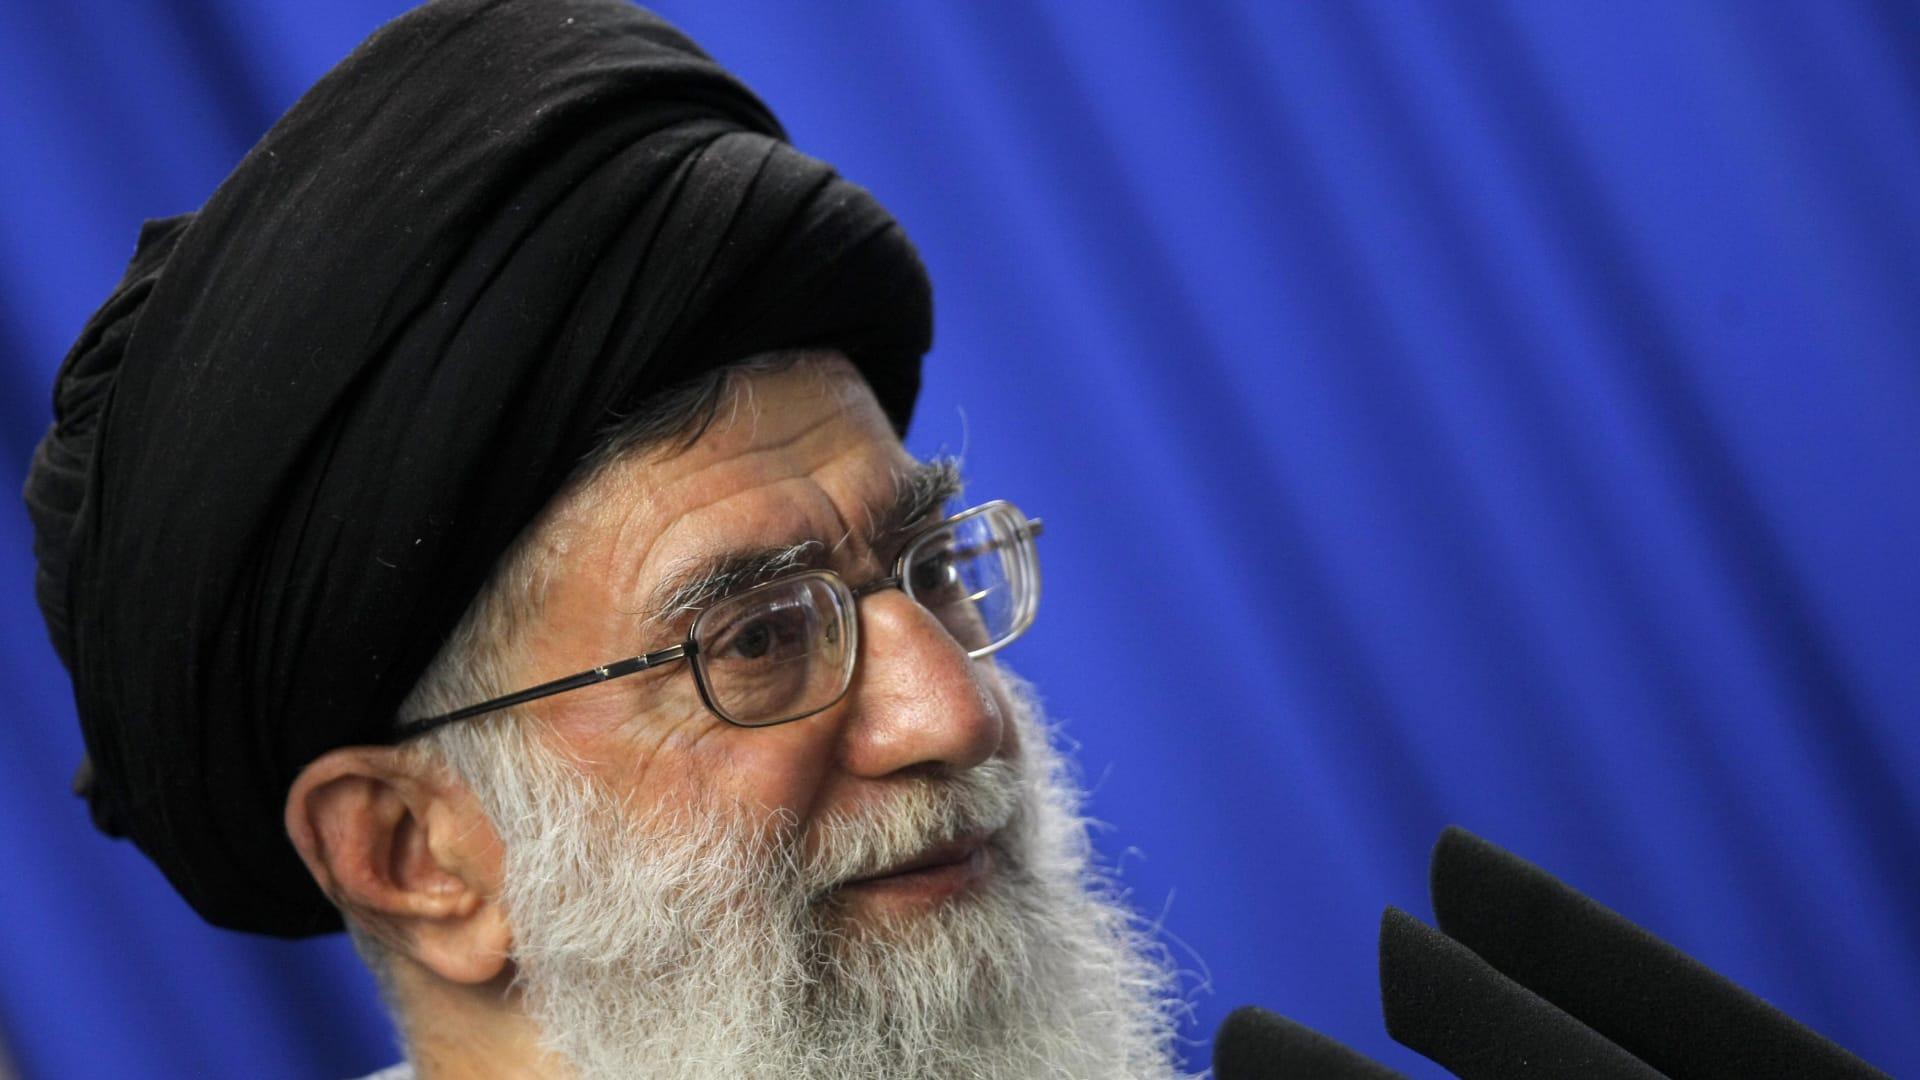 """خامنئي يؤكد استعداد إيران لرفع التخصيب إلى 60%.. ورئيس مجلس الشورى يعلن وقف تنفيذ """"البروتوكول الإضافي"""" من الثلاثاء"""